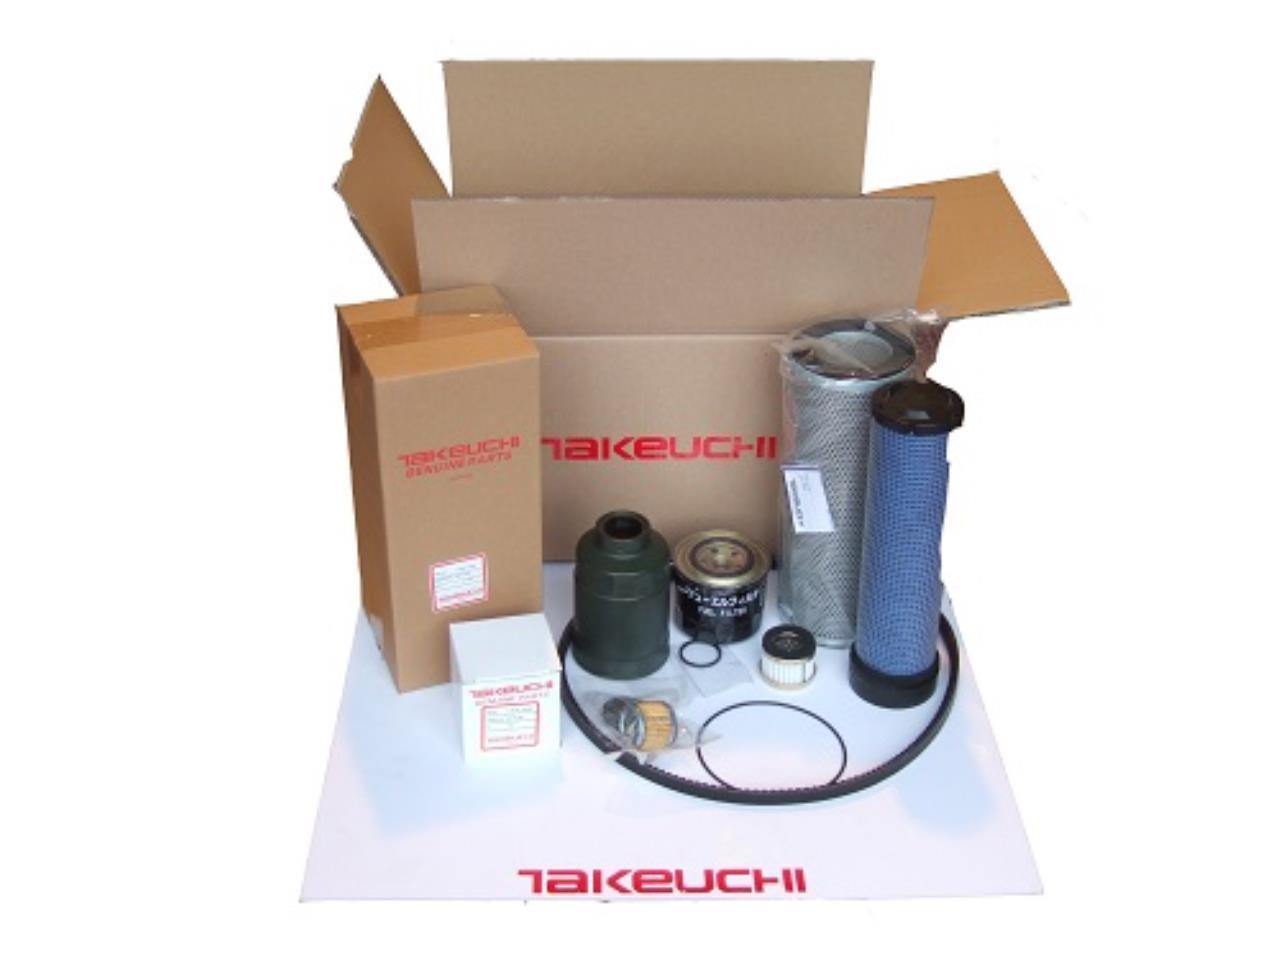 Takeuchi TB1140 filersæt fra s/n: 51410000